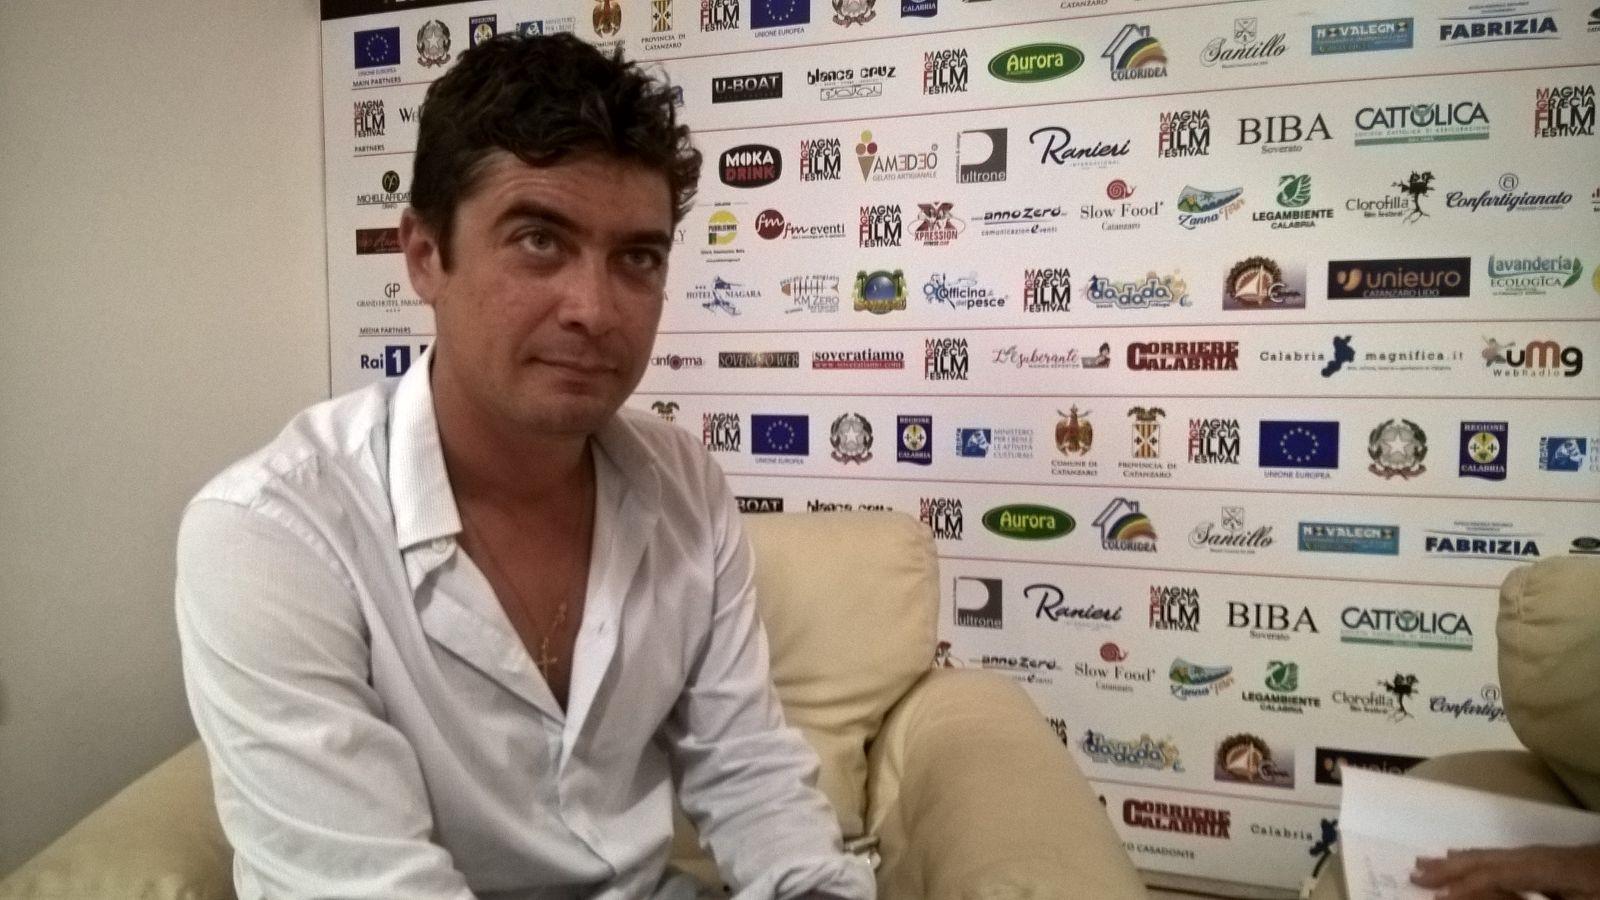 Scamarcio special guest al Magna Graecia Film FestivalIl Riccardo che non ti aspetti nell'intervista al Quotidiano